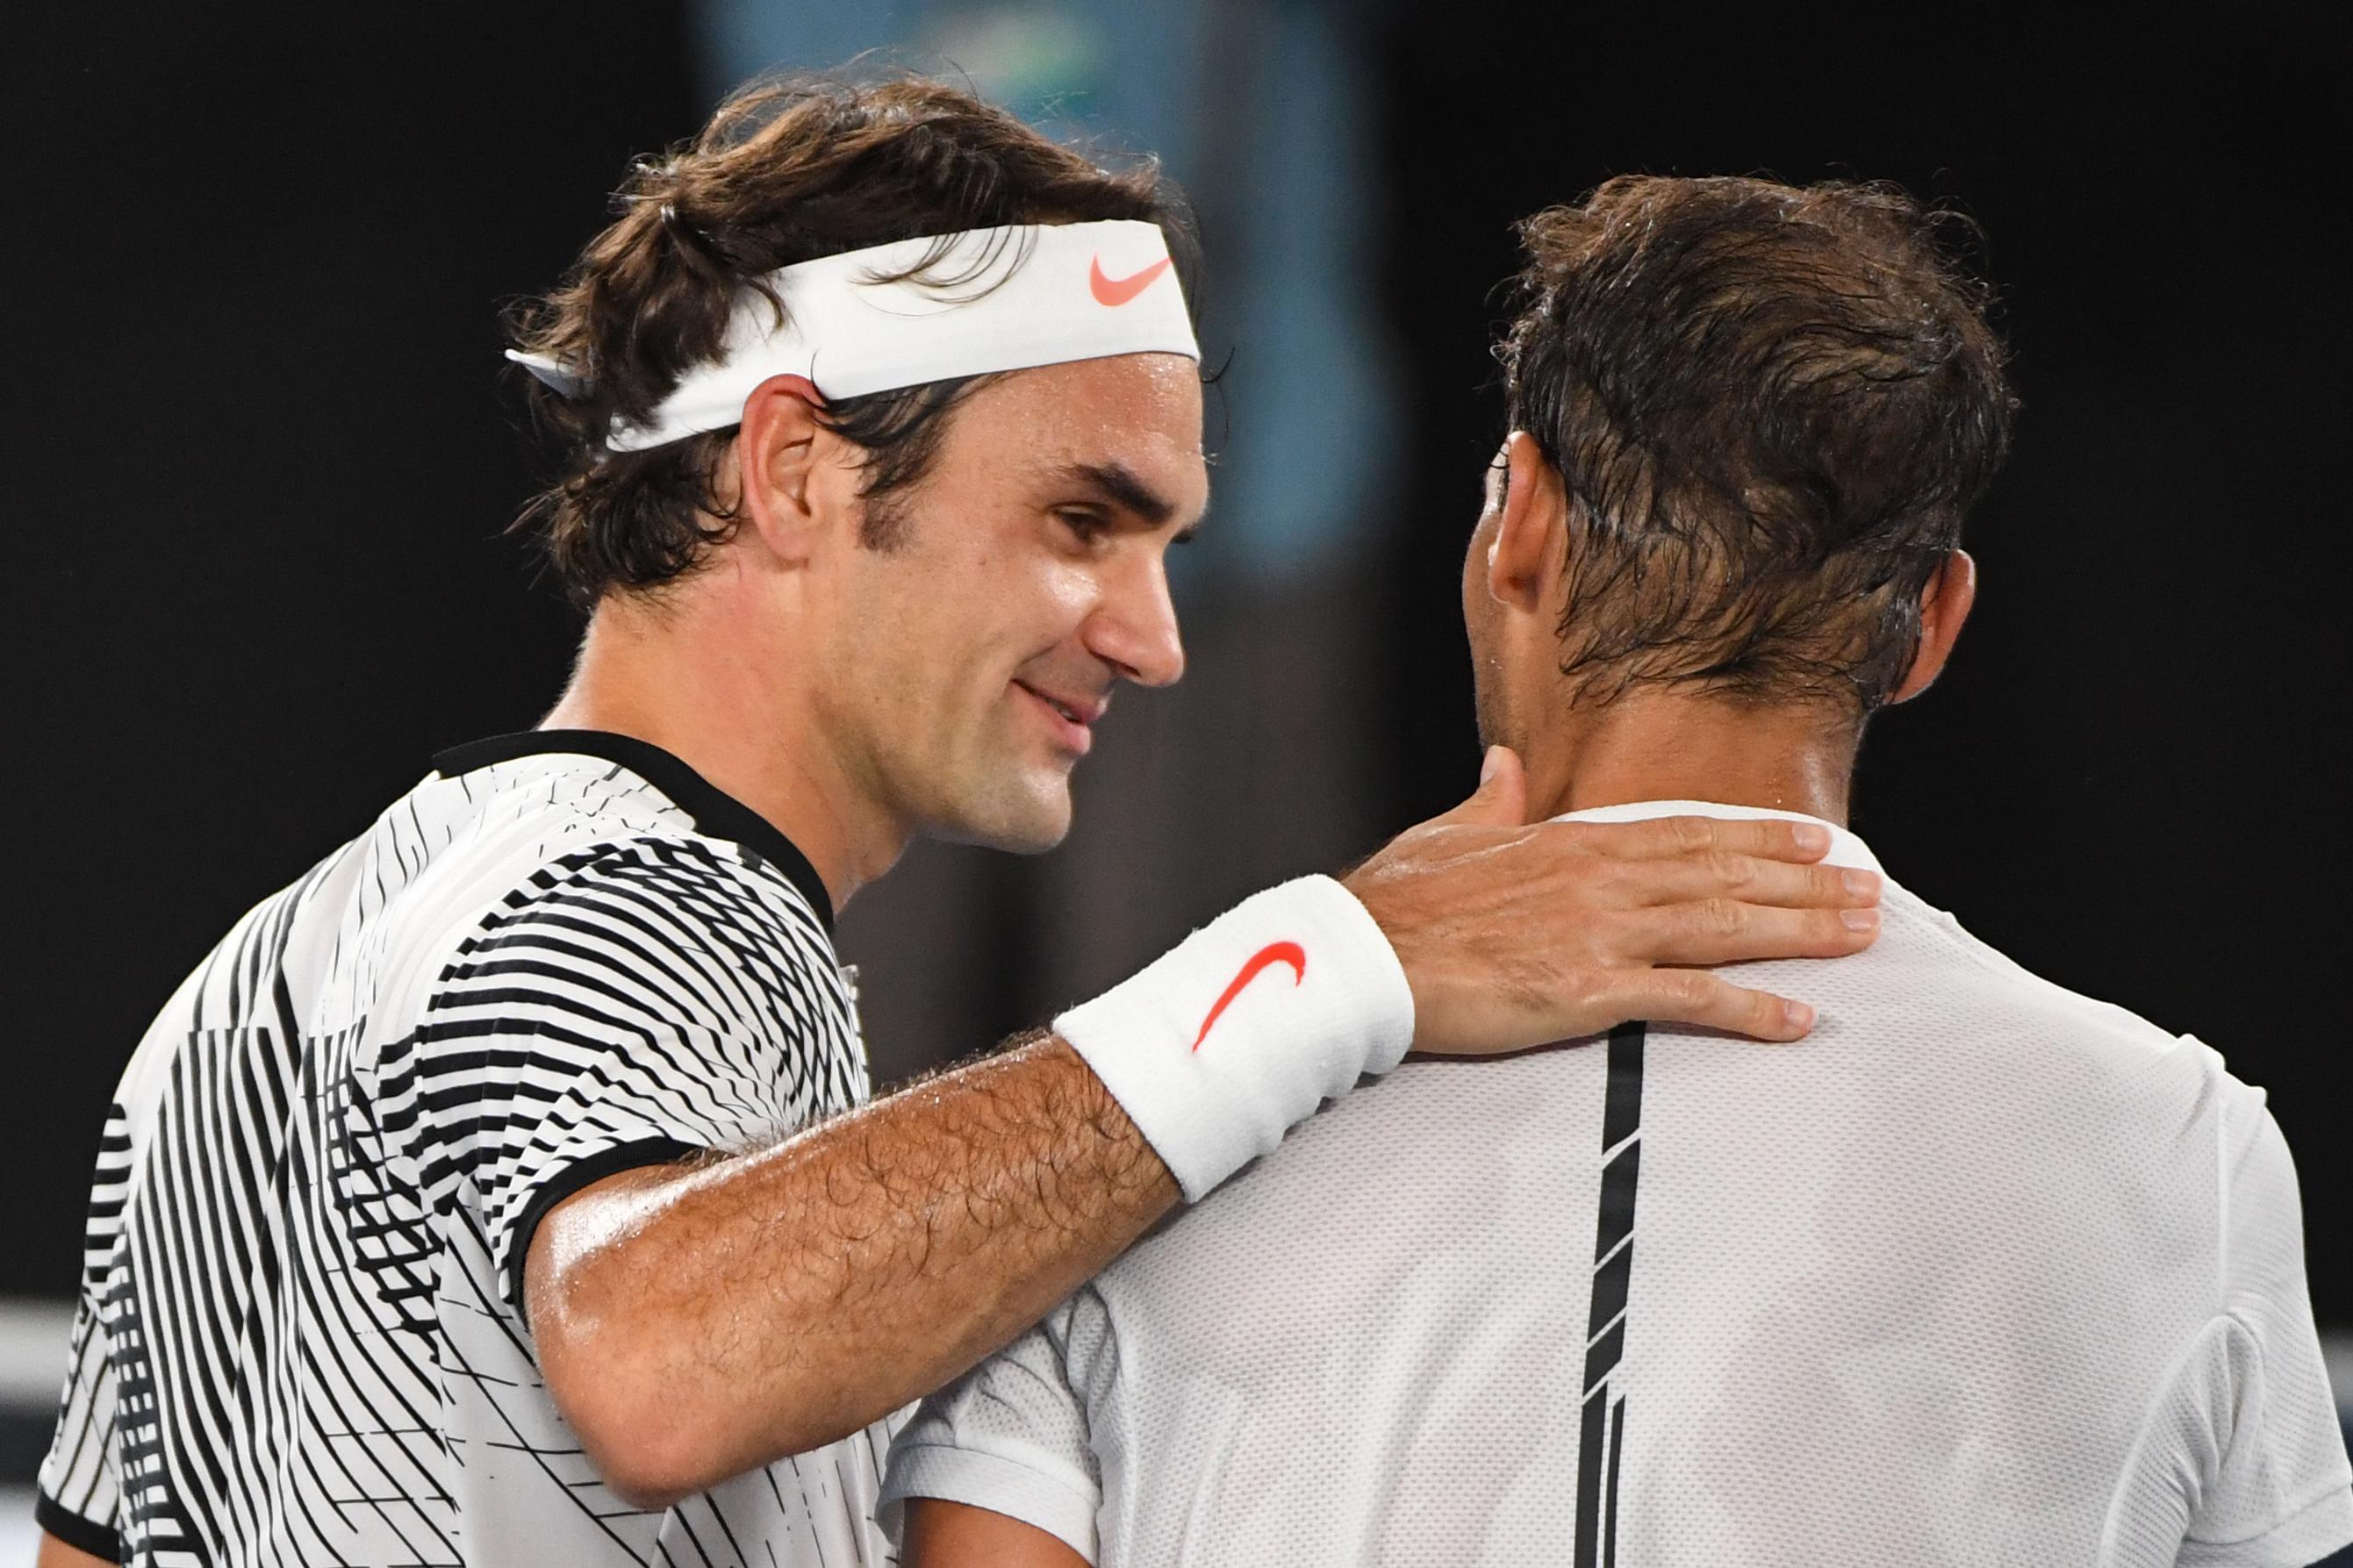 Federer 36 évesen szakíthat a Nike-val egy gigantikus, 10 éves Uniqlo-szerződés kedvéért